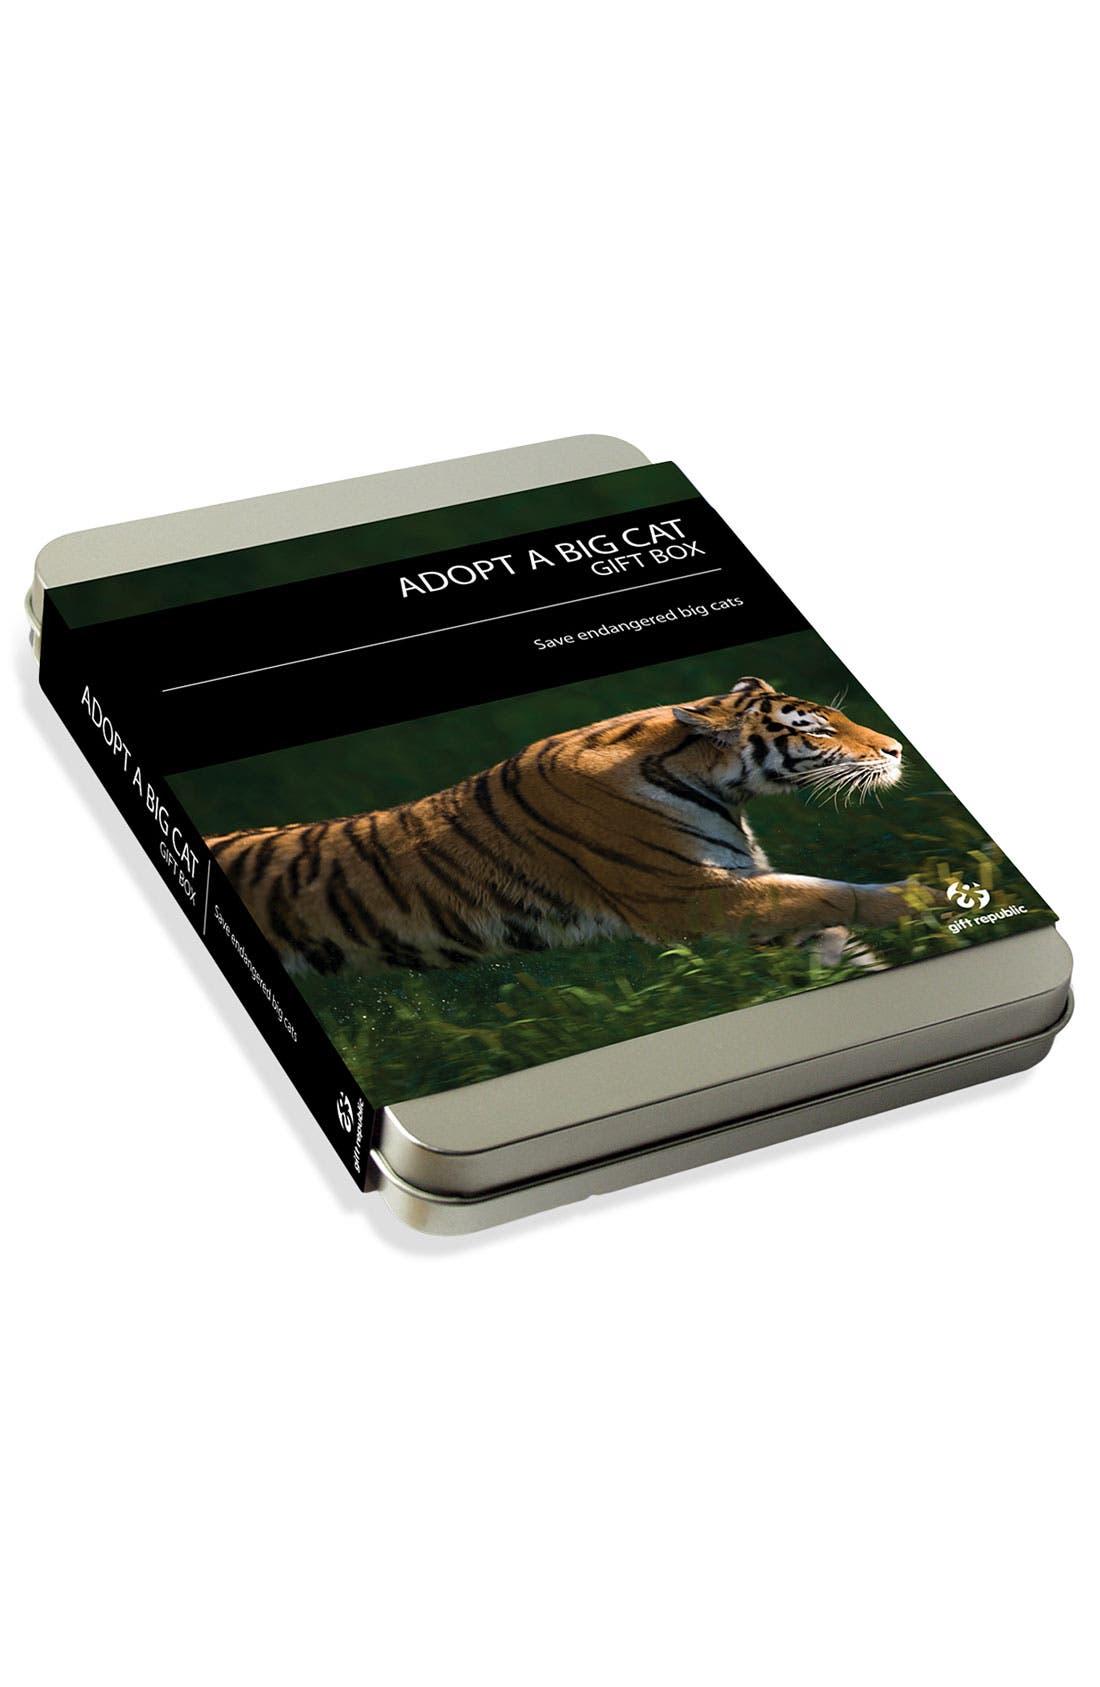 'Adopt a Big Cat' Gift Box,                             Main thumbnail 1, color,                             000